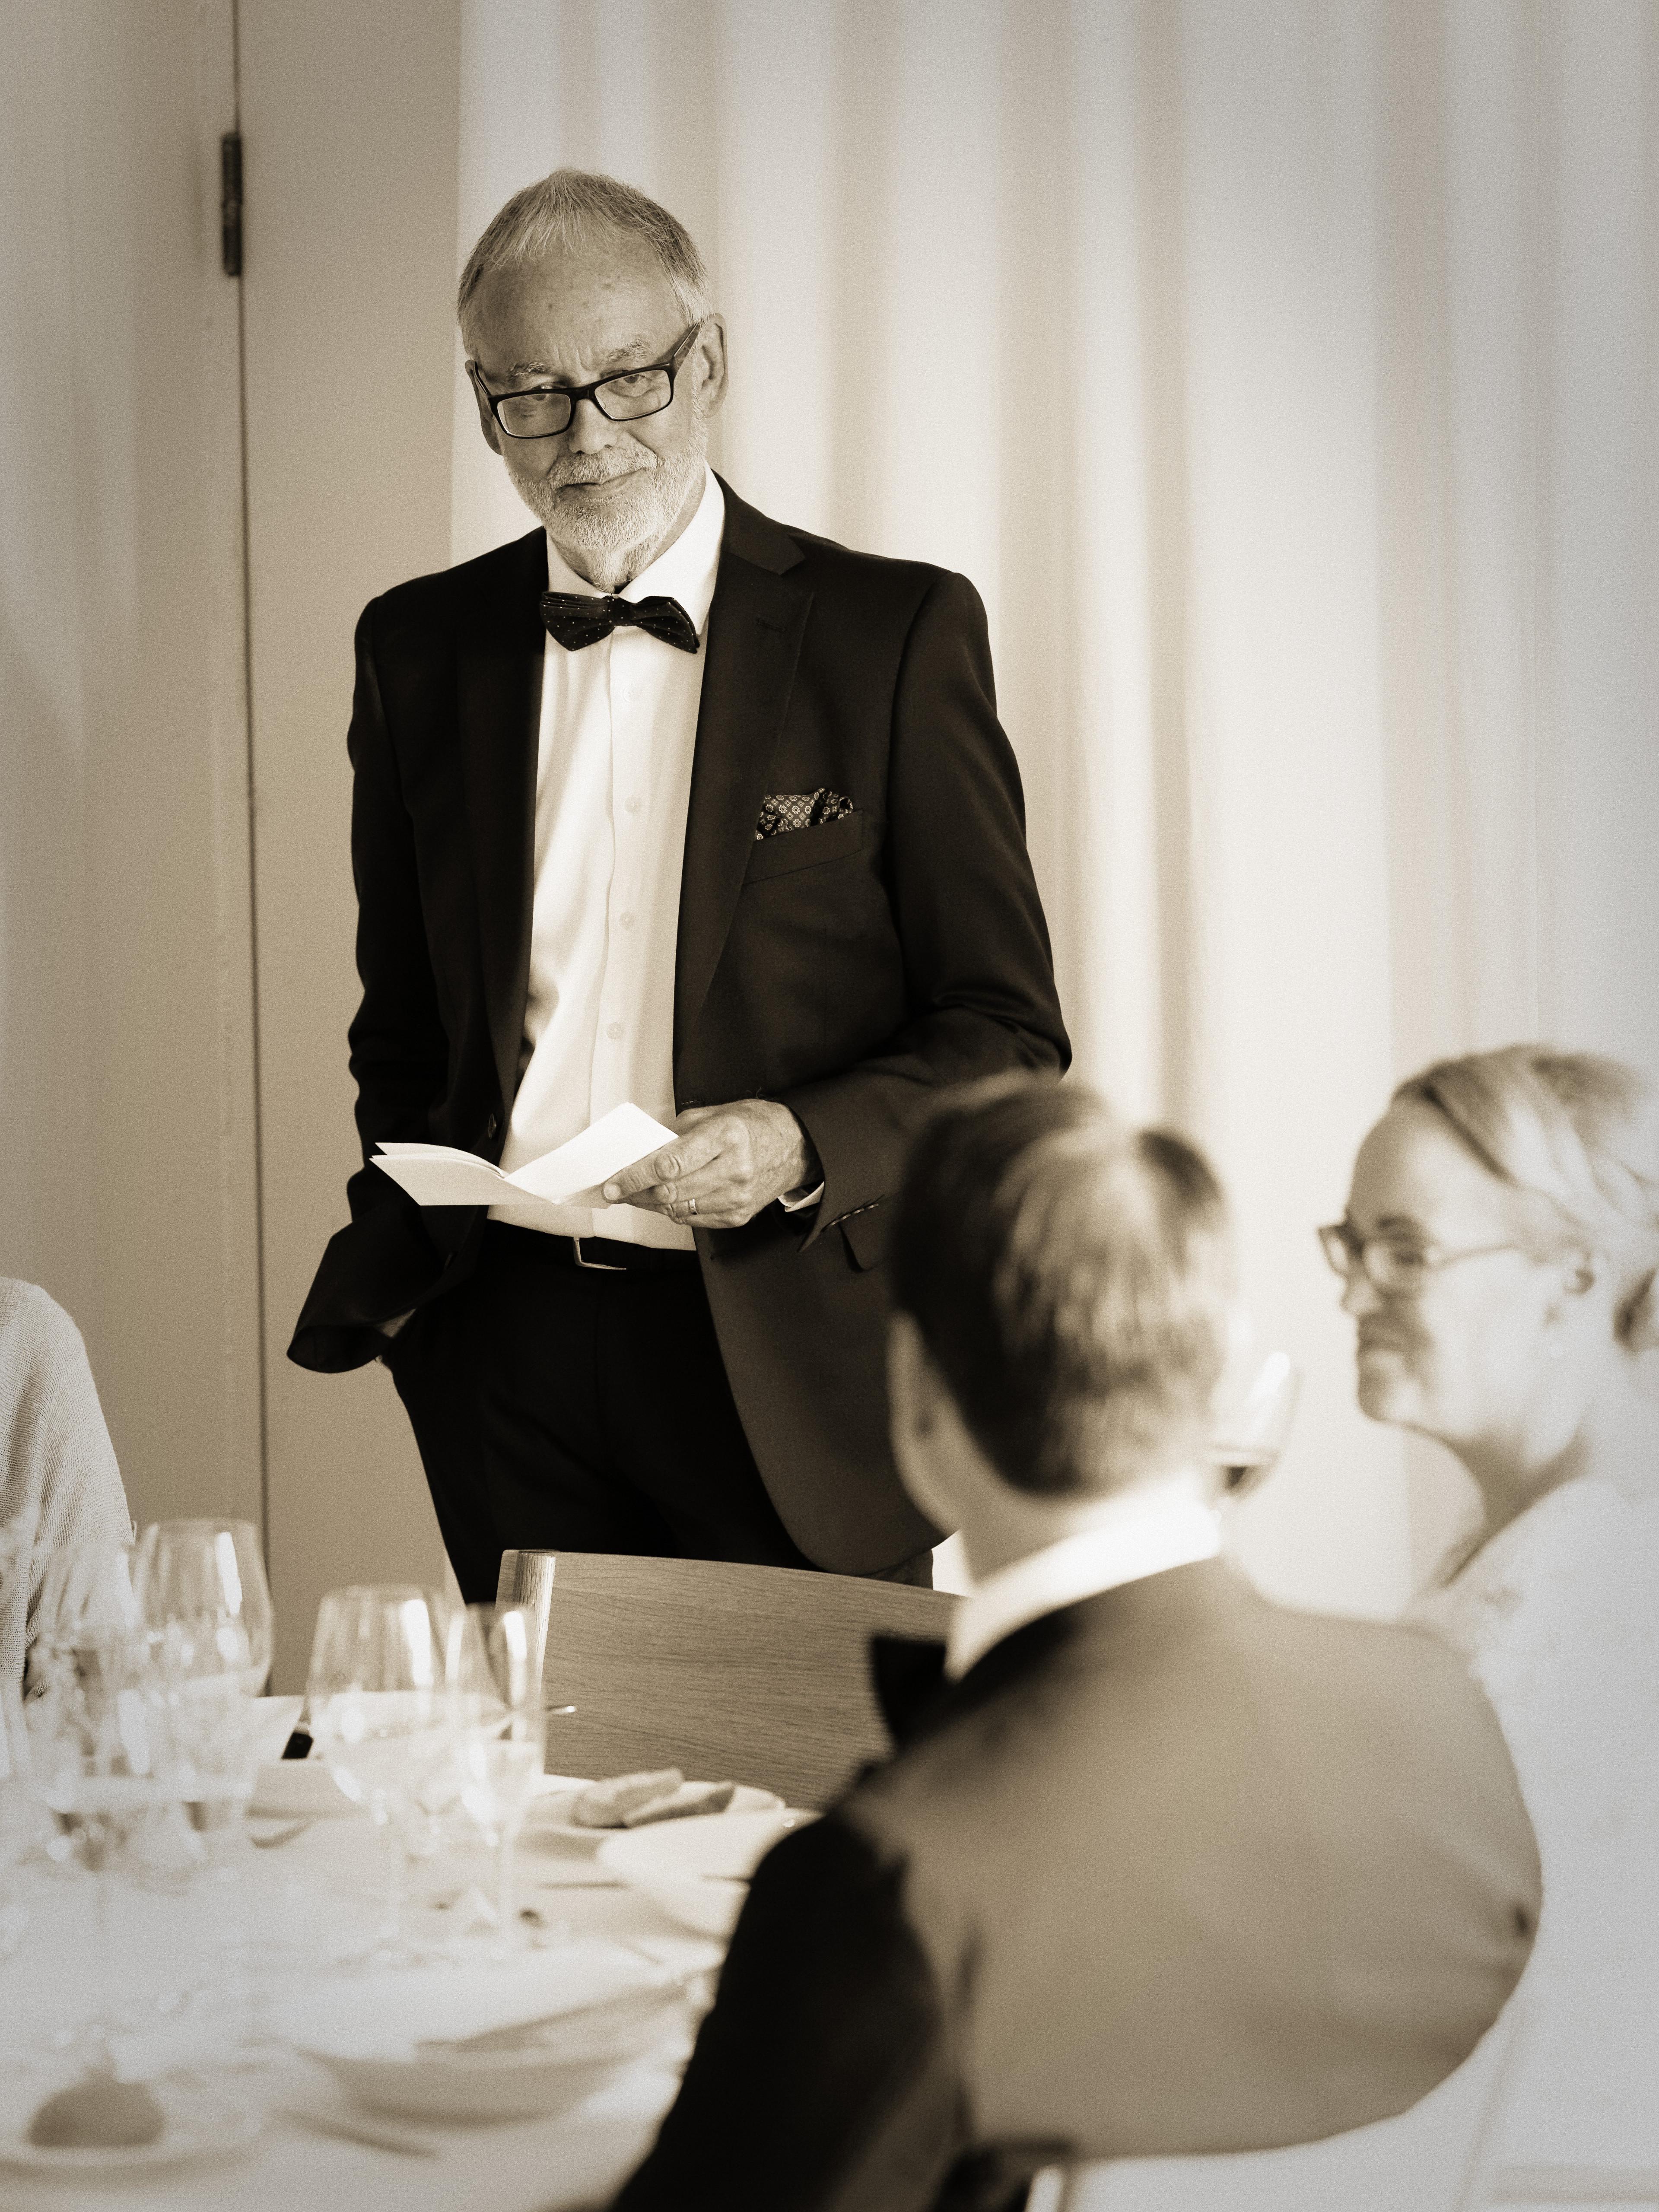 Brudgummens far håller bröllopstal